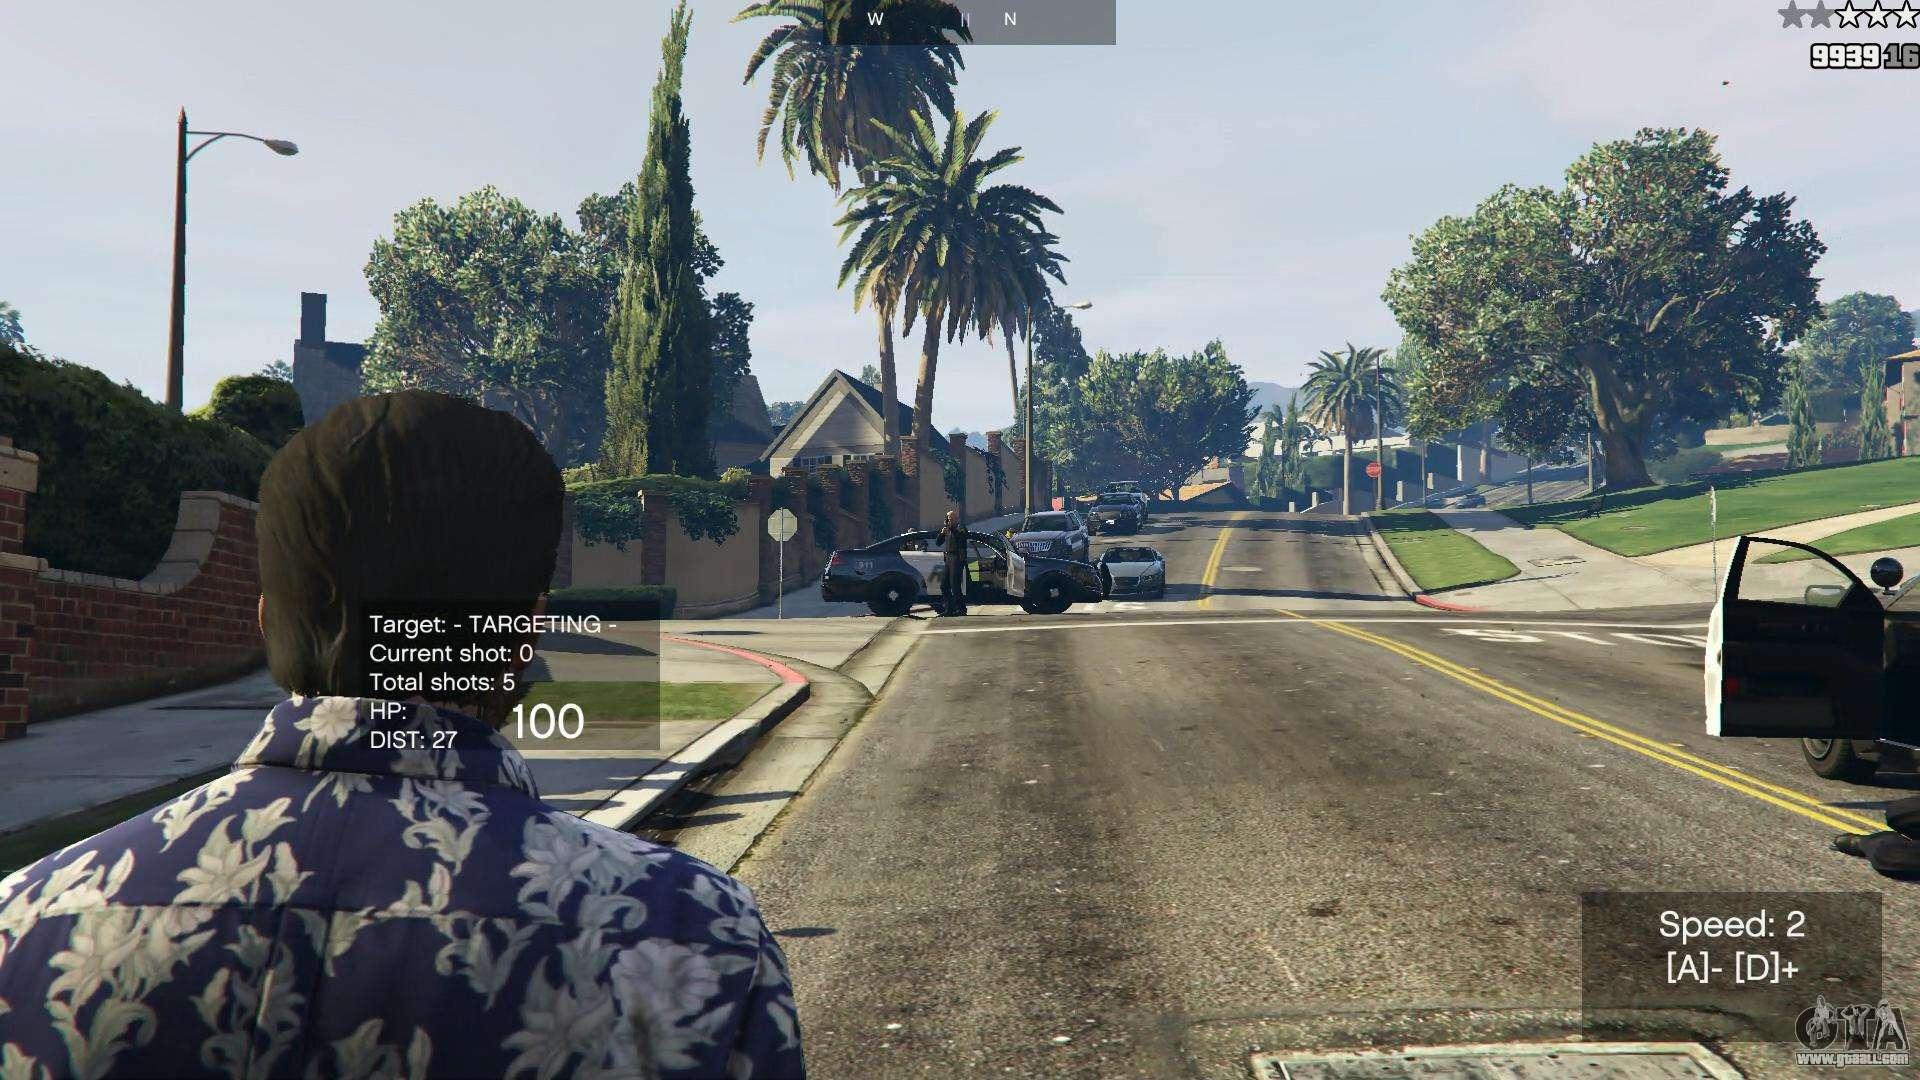 Grand Theft Auto: San Andreas - Wikipedia